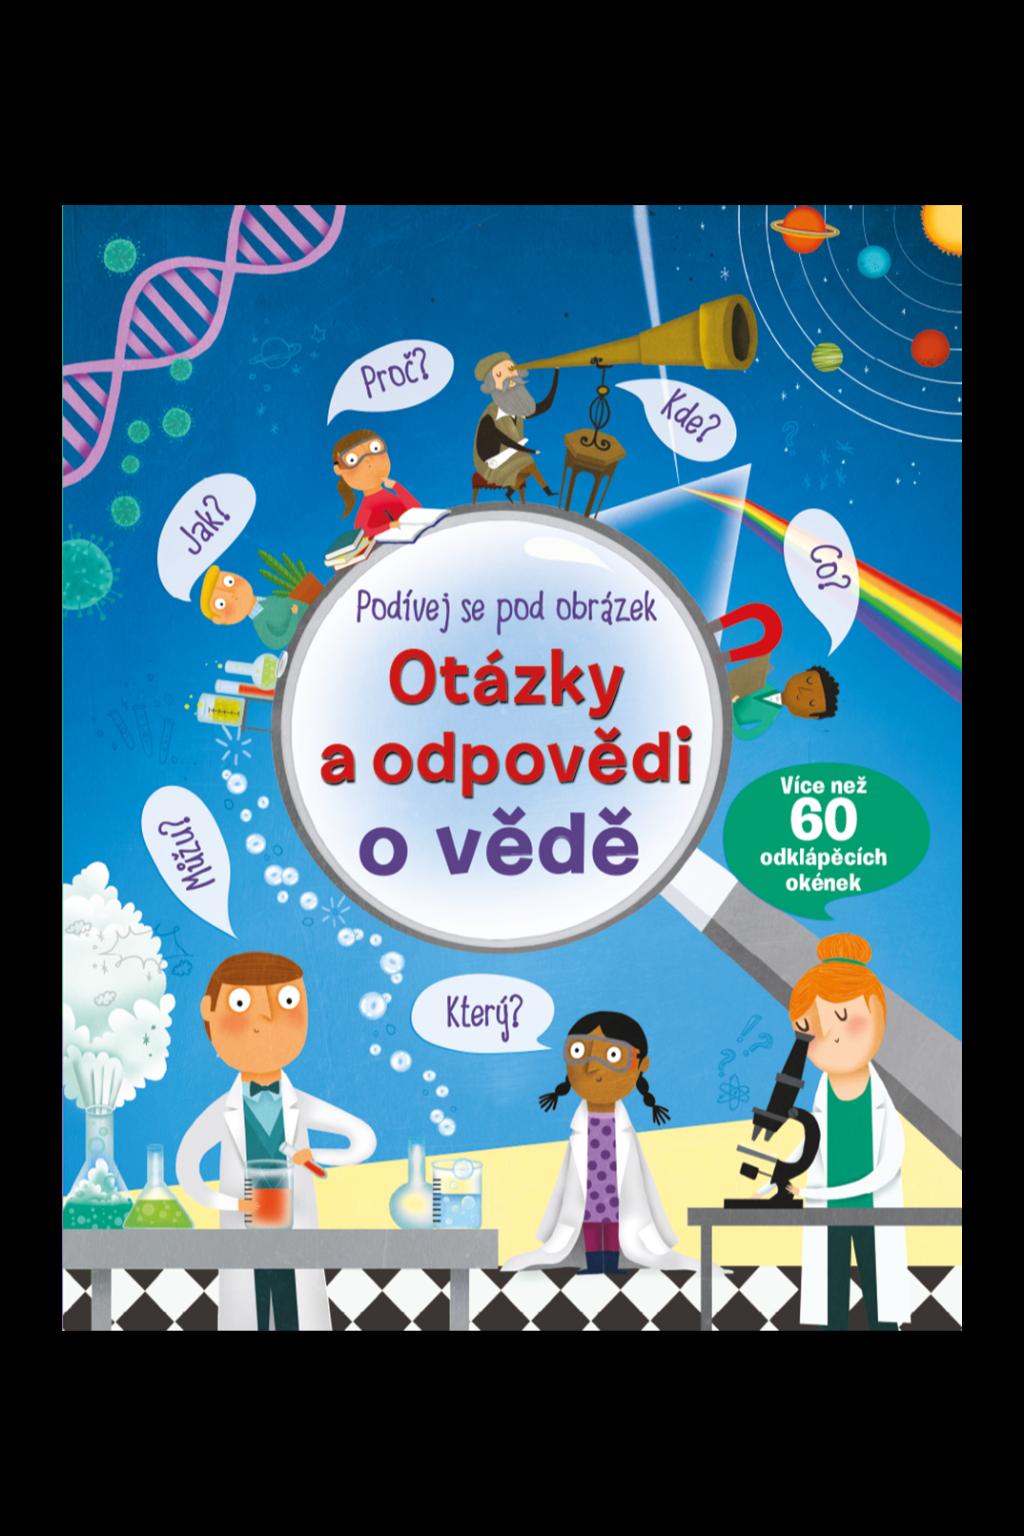 Levně Otázky a odpovědi o vědě – Podívej se pod obrázek